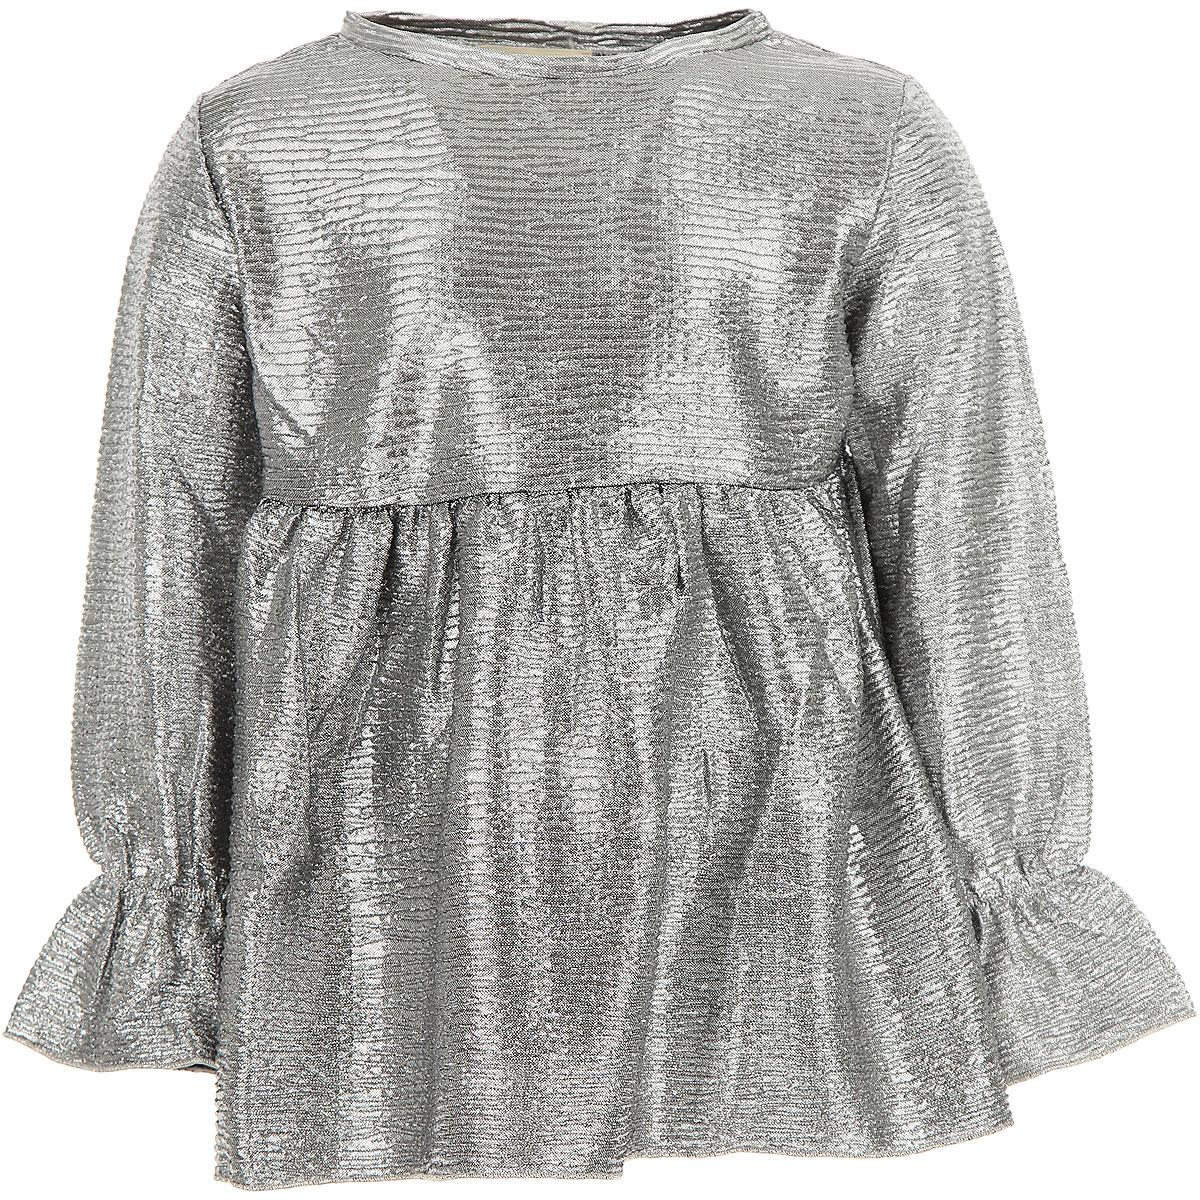 Image of Douuod Tops, Silver, polyester, 2017, 10Y 6Y 8Y